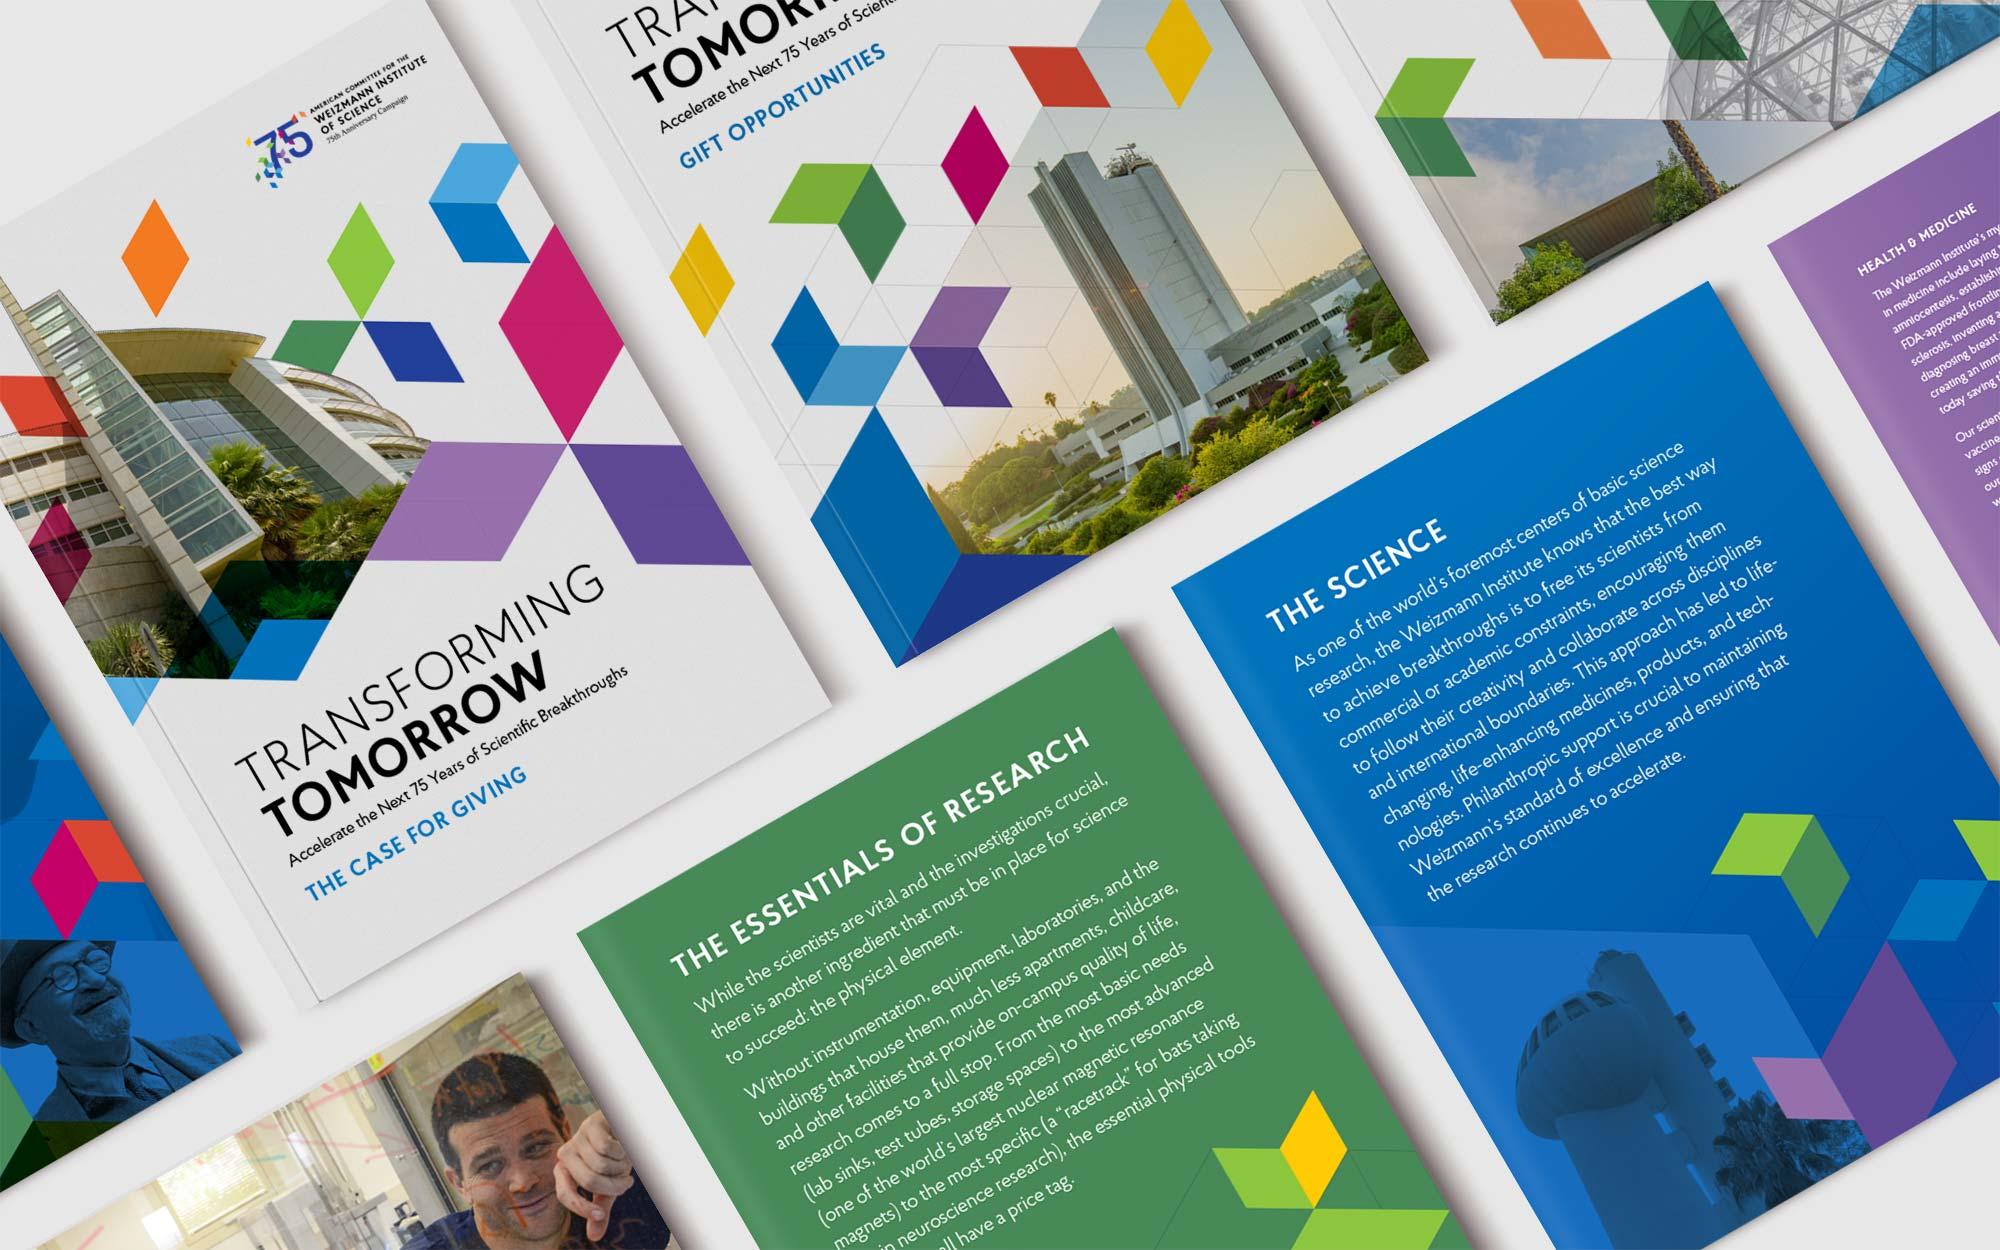 Weizmann_Giving_print-design